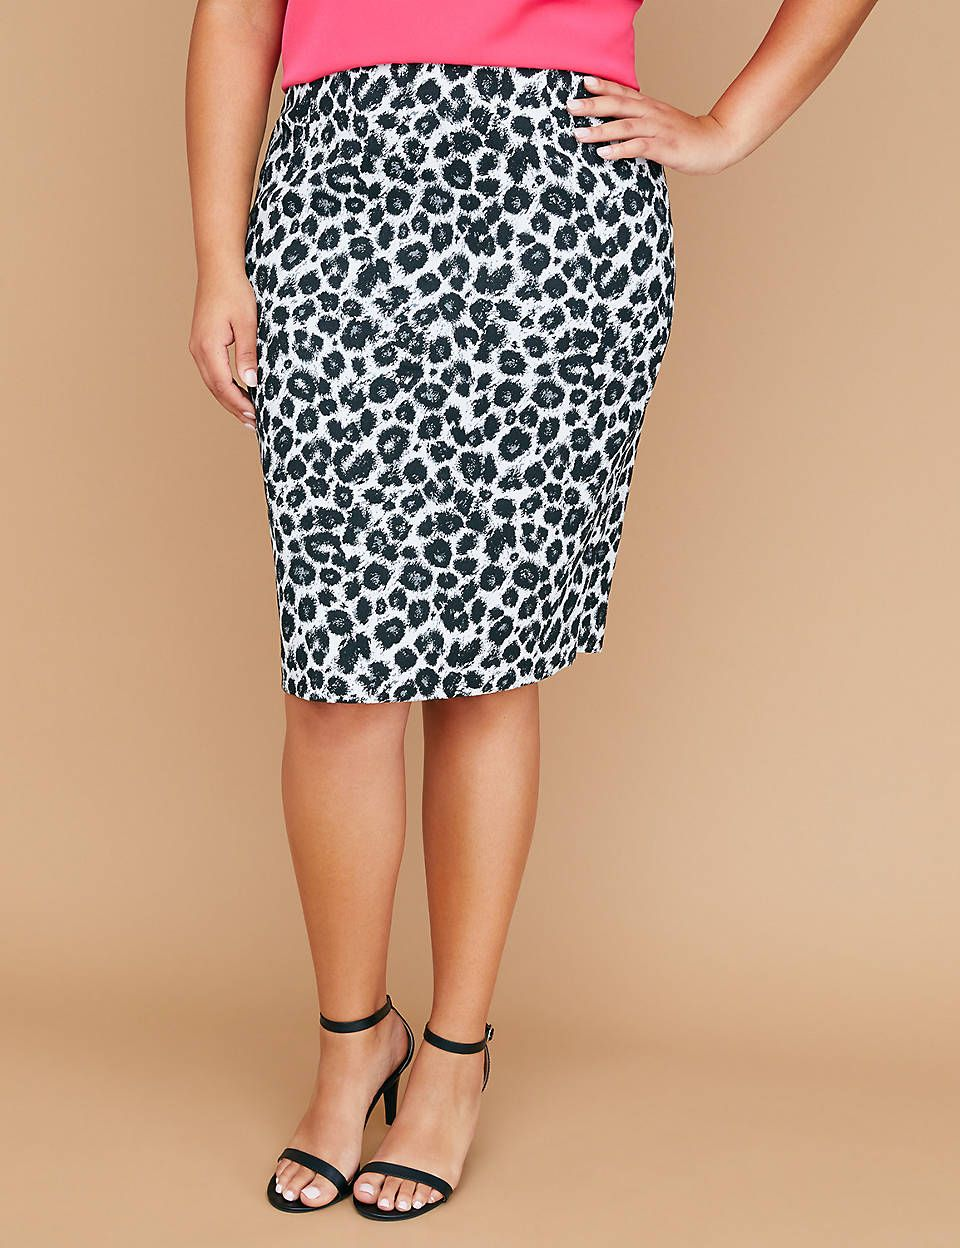 39d5a99d155 Leopard Pencil Skirt